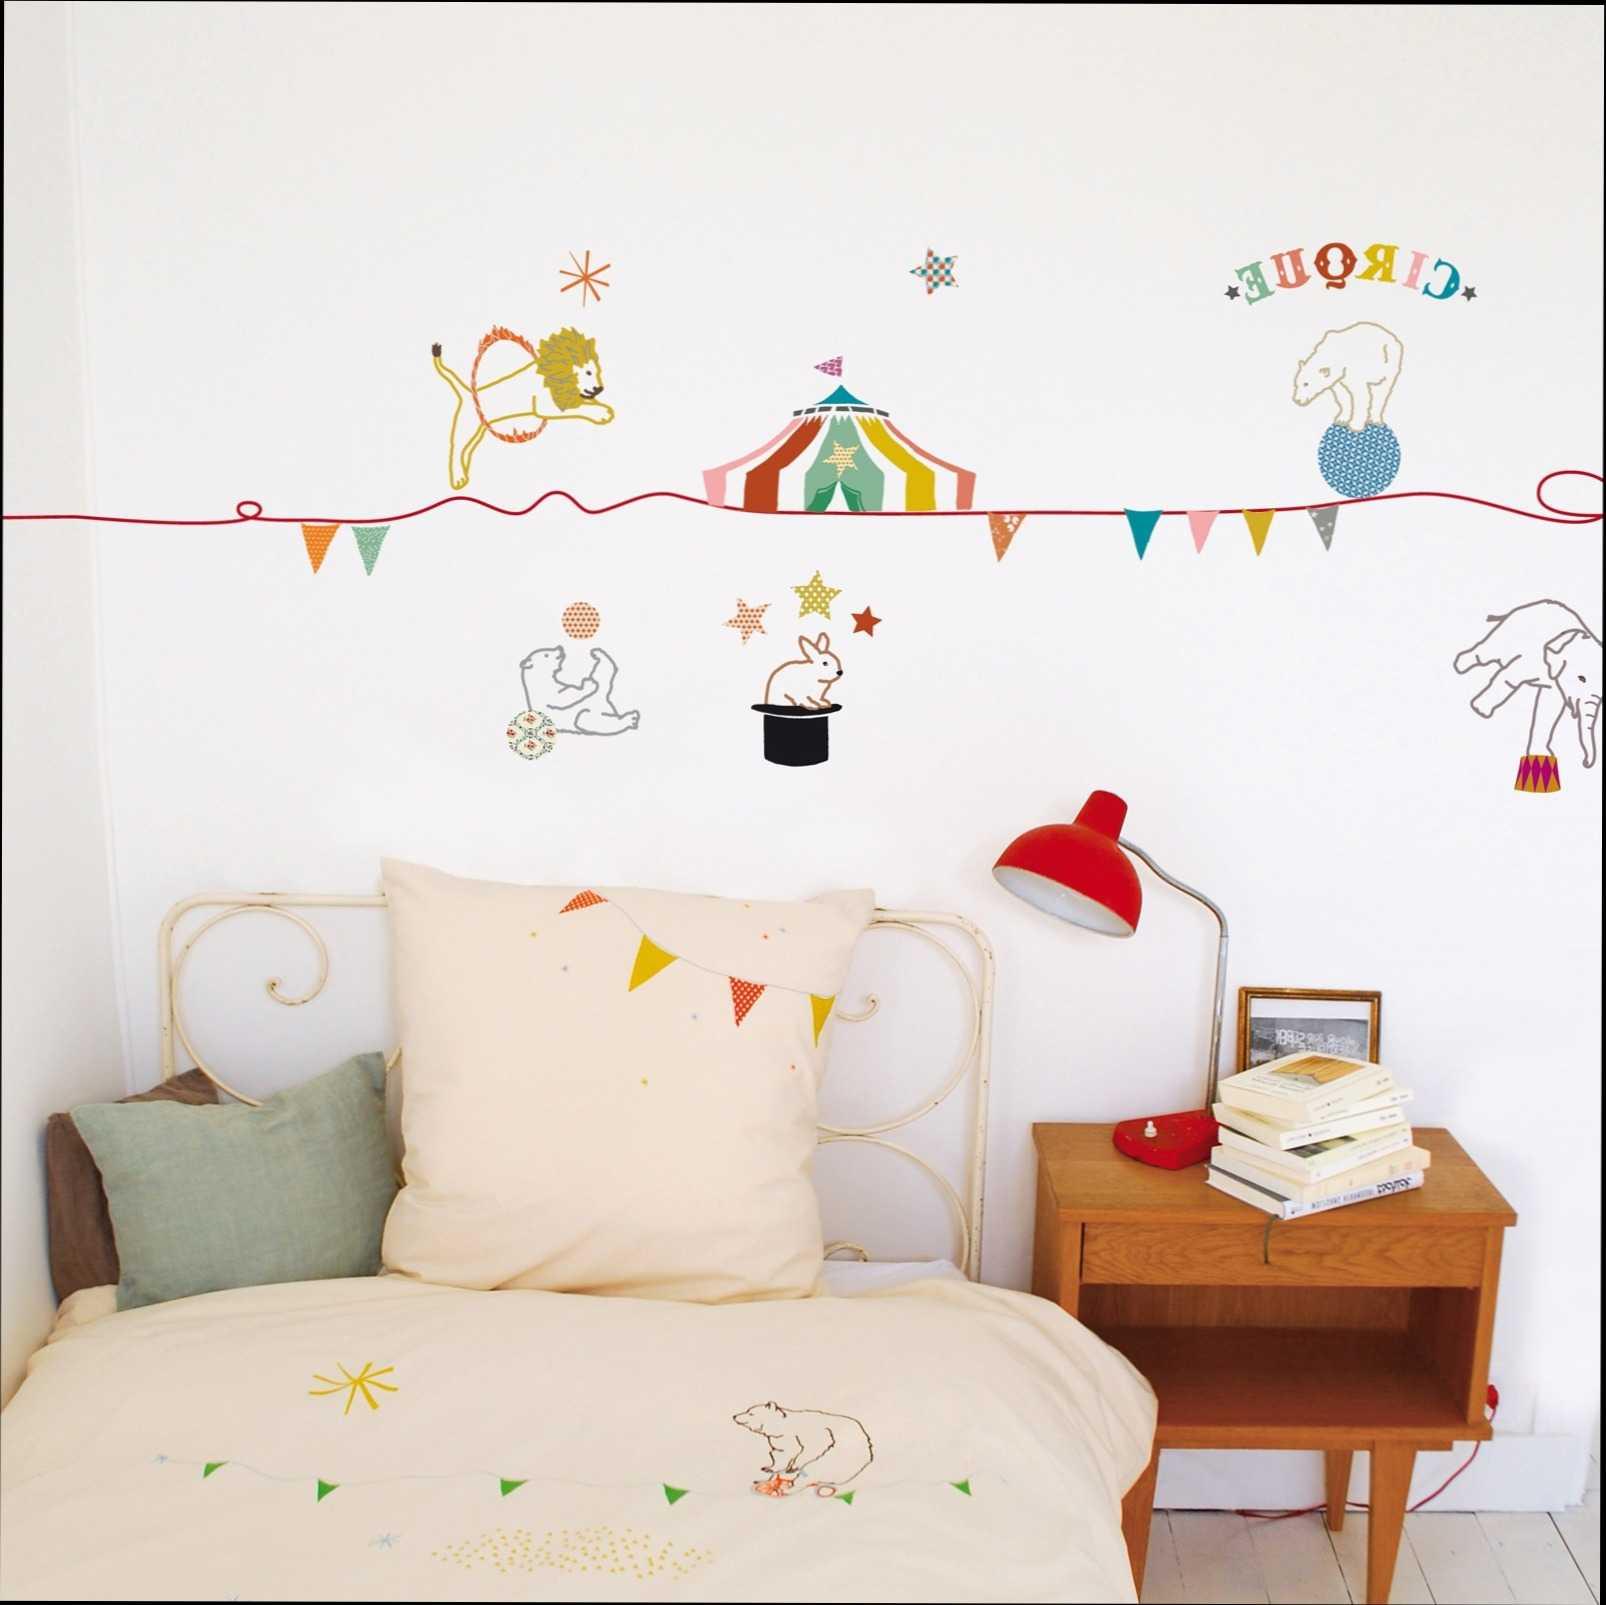 frise pour chambre b b pas cher id es de tricot gratuit. Black Bedroom Furniture Sets. Home Design Ideas